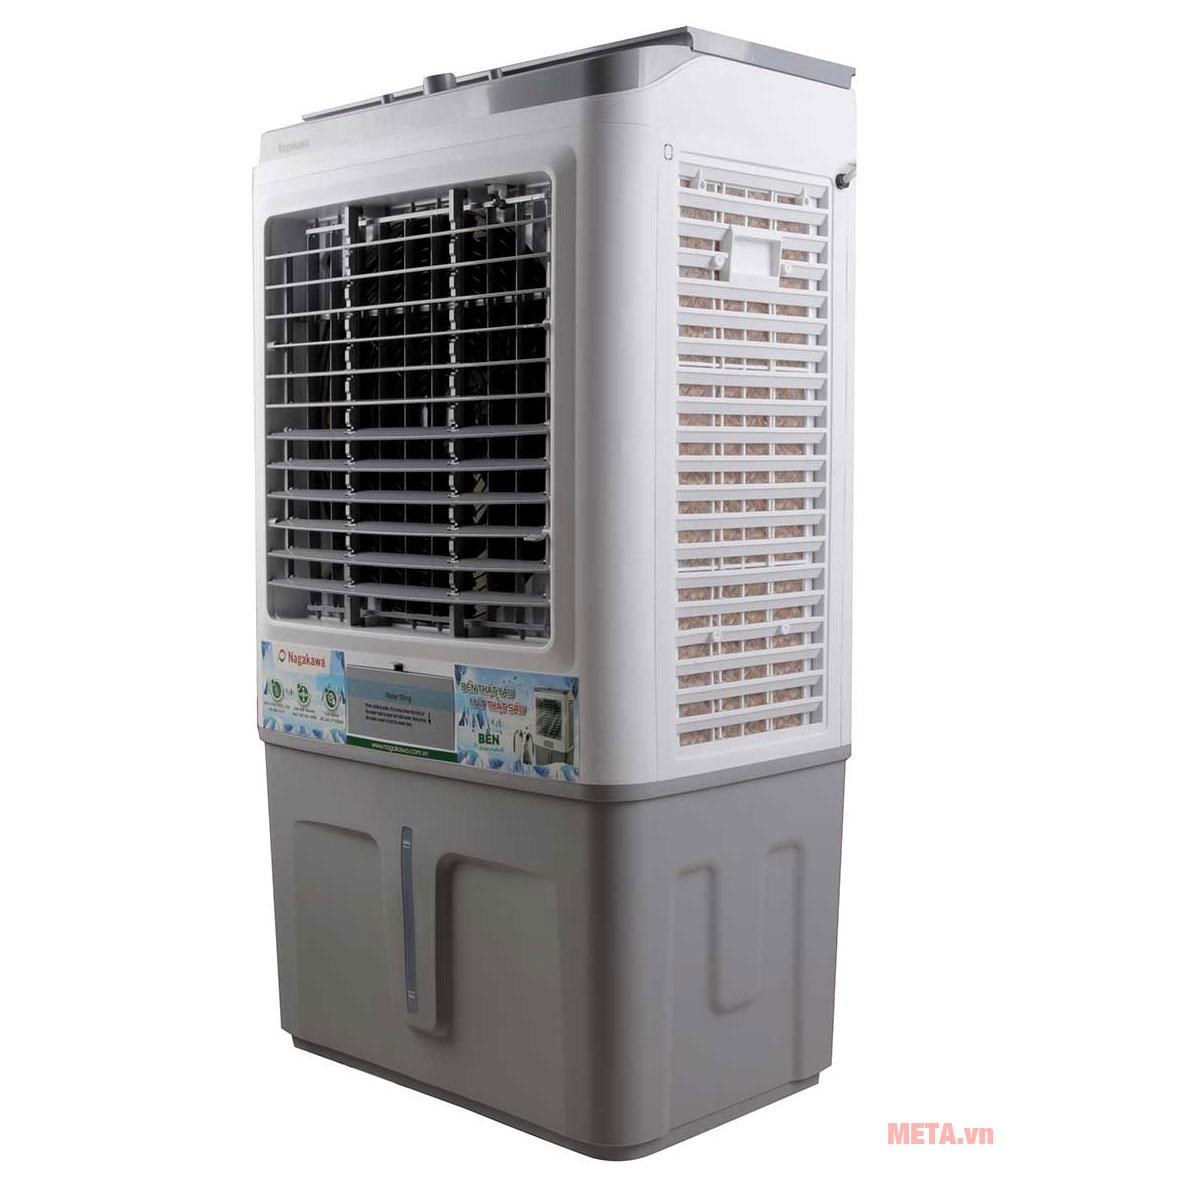 Máy làm mát không khí Nagakawa NFC999 làm mát bằng hơi nước